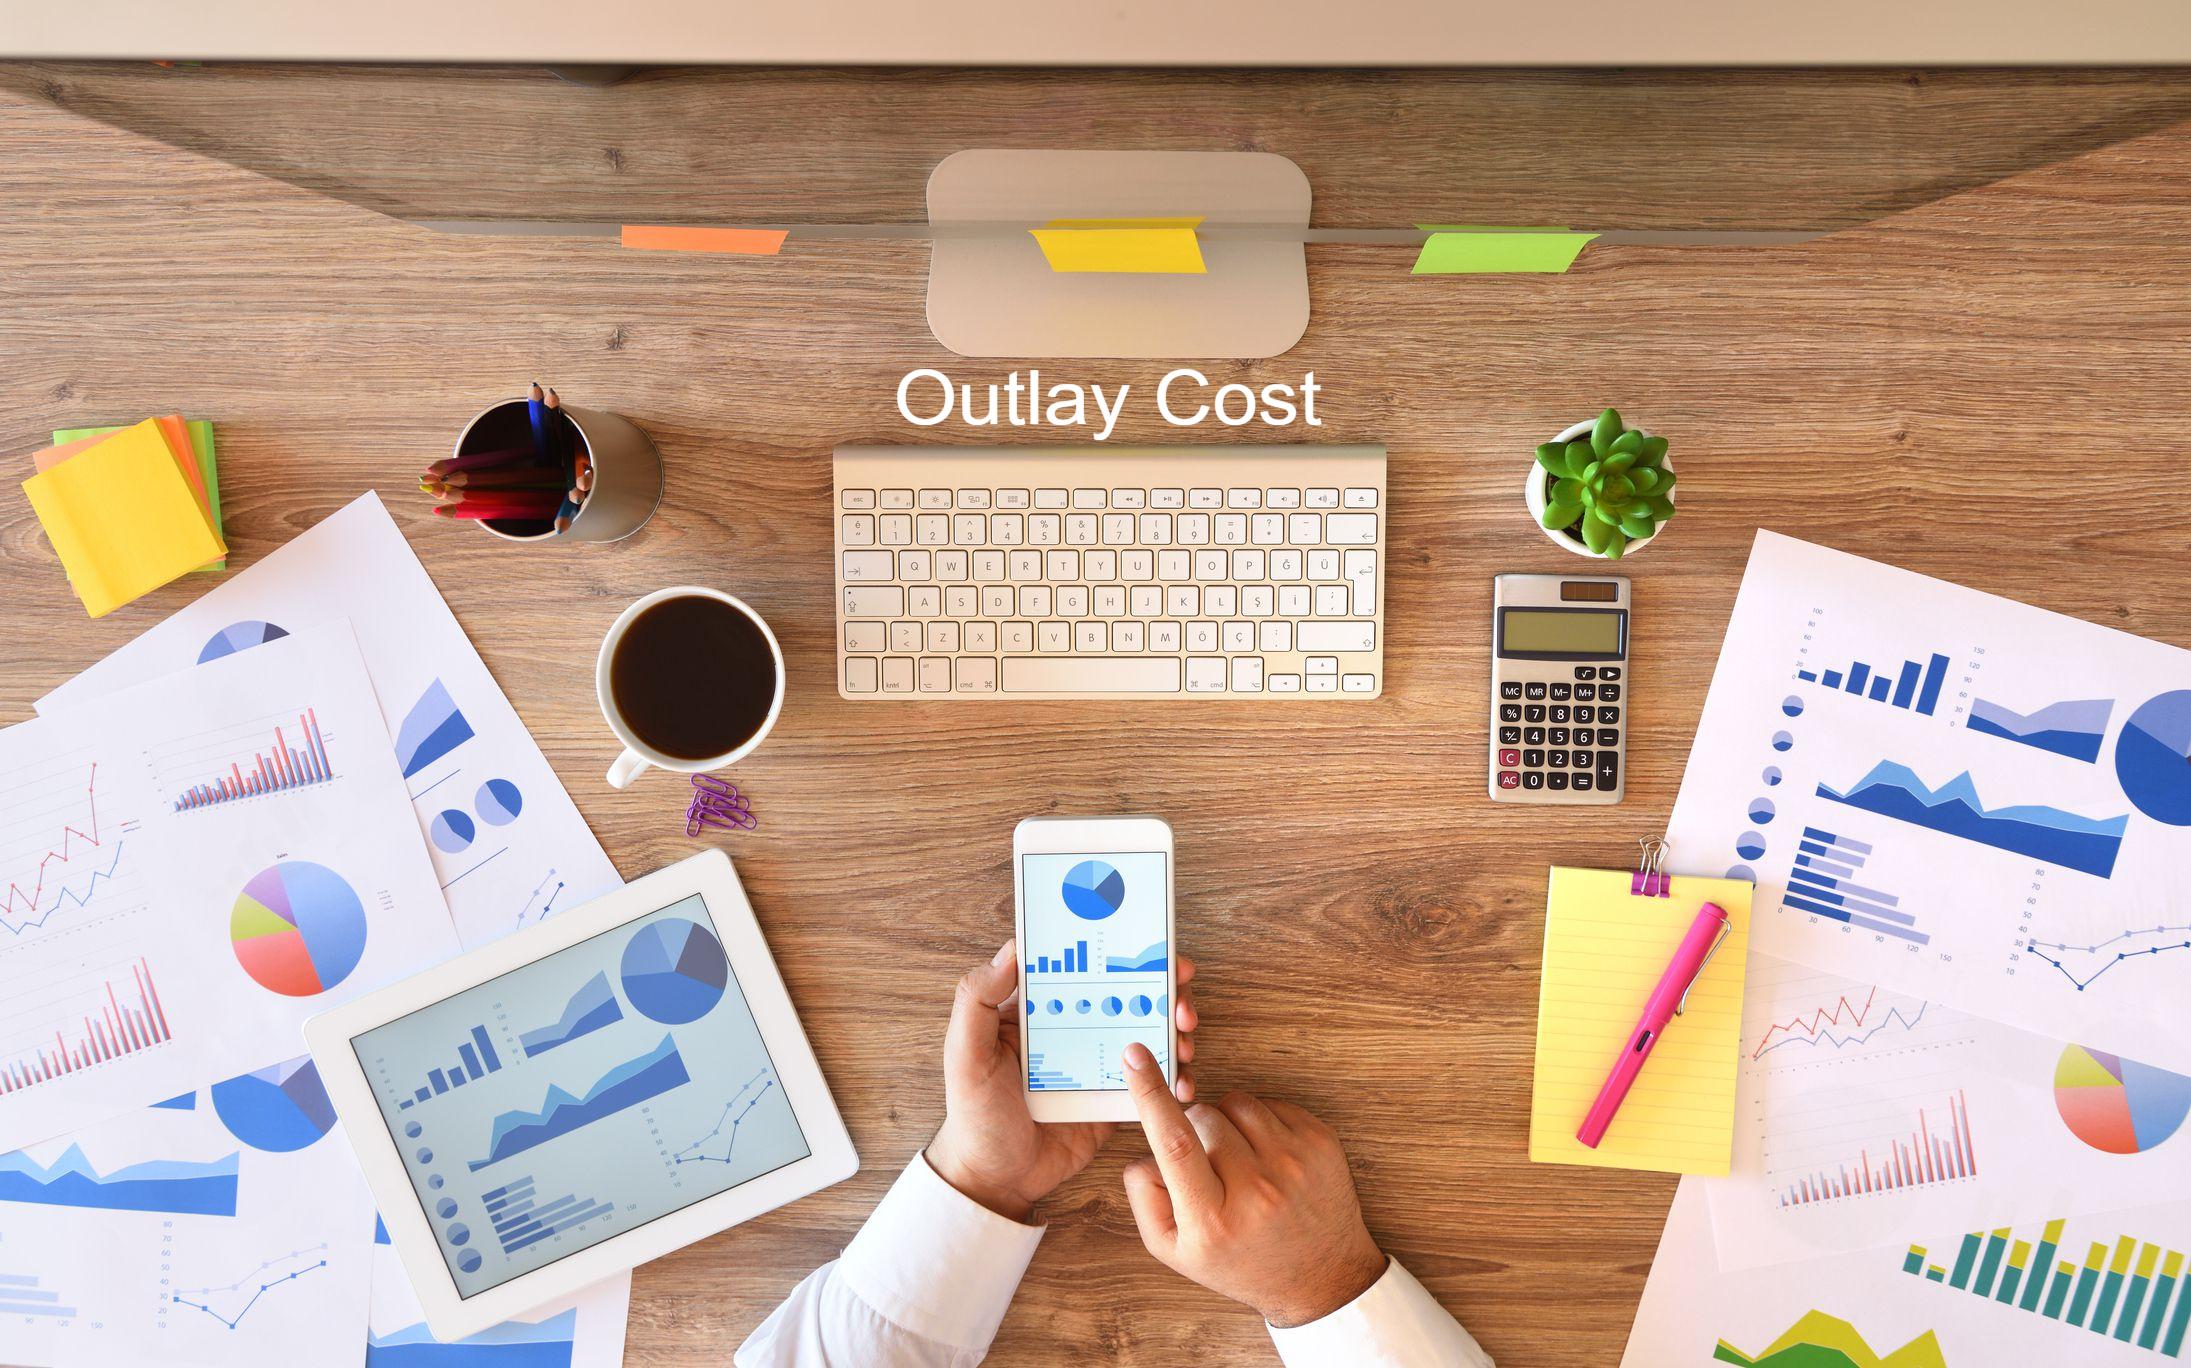 Tổng phí đầu tư đã chi ra (Outlay Cost) là gì? - Ảnh 1.